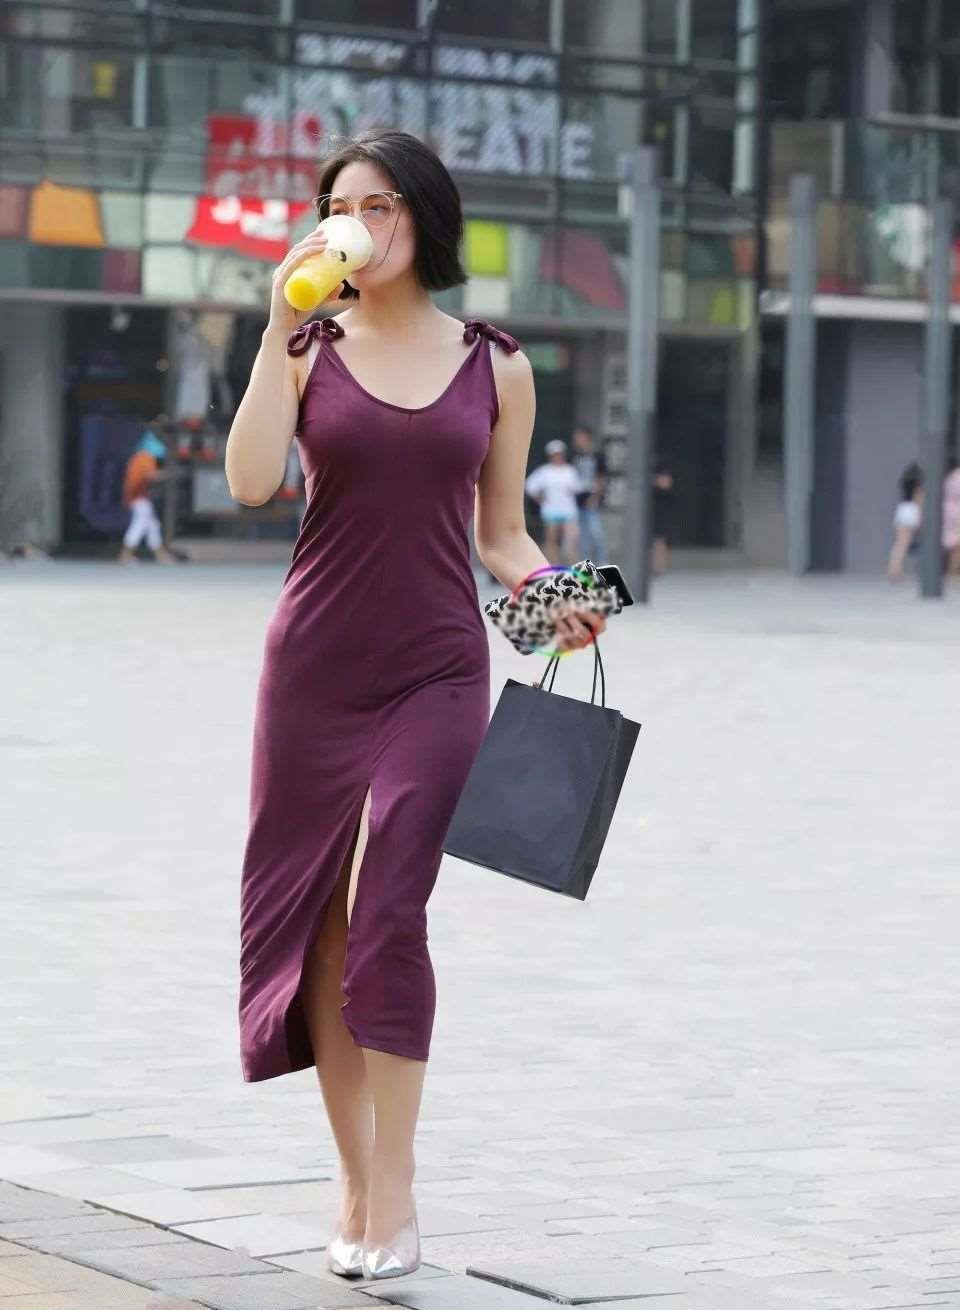 连衣裙的穿搭合身又不紧身,神秘韵味十足,又有优雅小知性